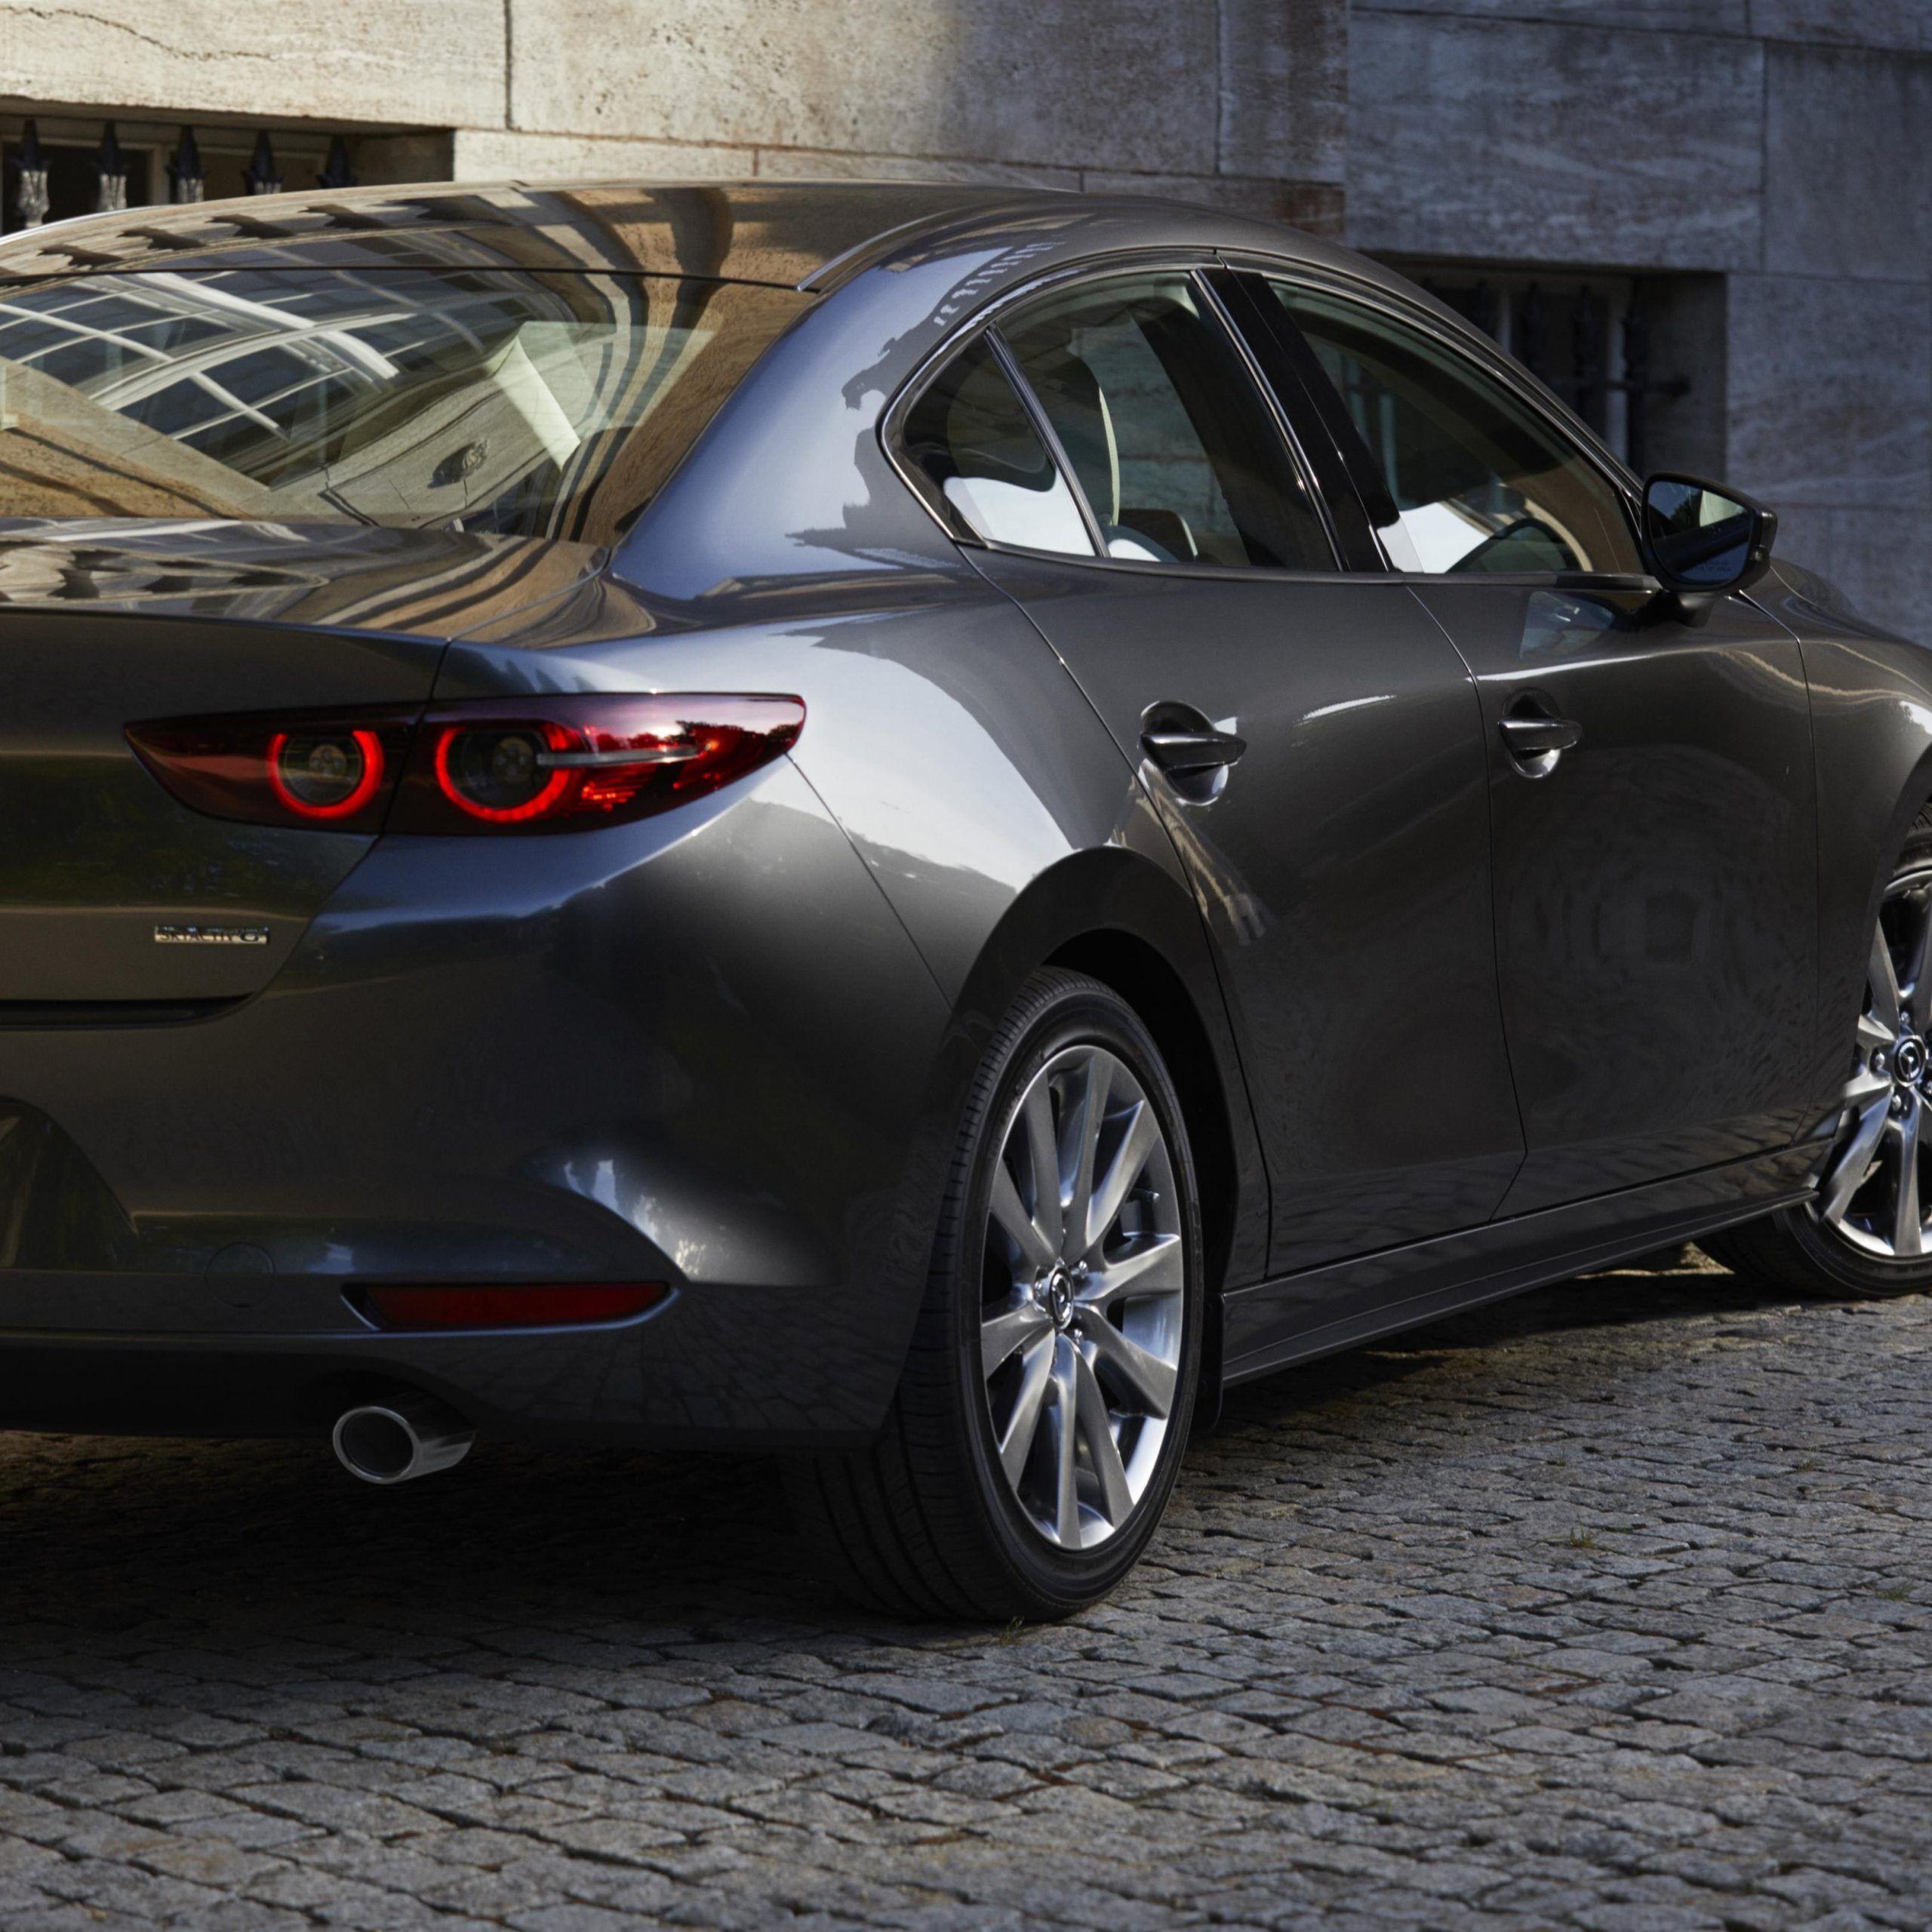 Lanzamiento Mazda 3 2021 Colombia Specs In 2020 Mazda Mazda 6 Sedan Mazda 3 Sedan